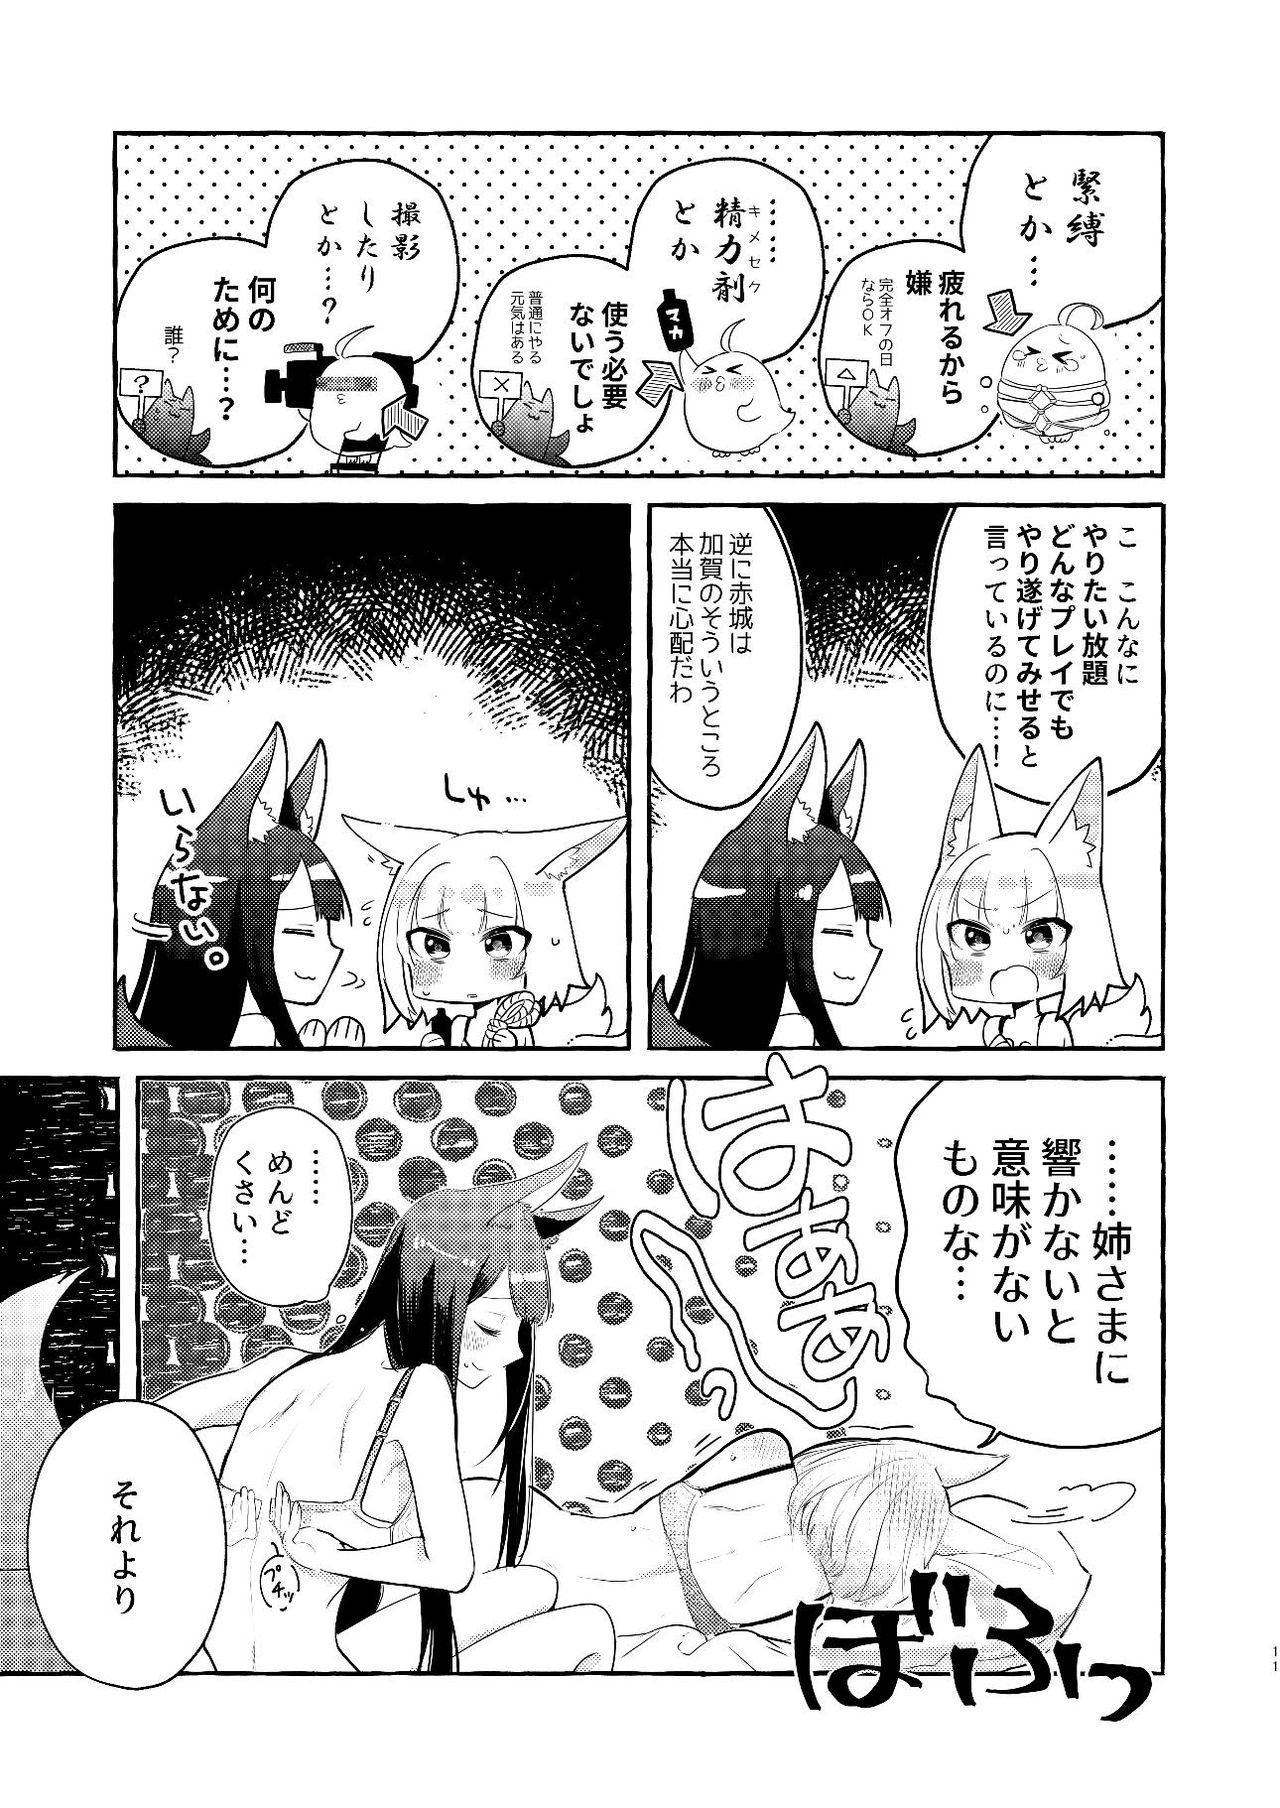 Oshi ga Oshi o Daita 9